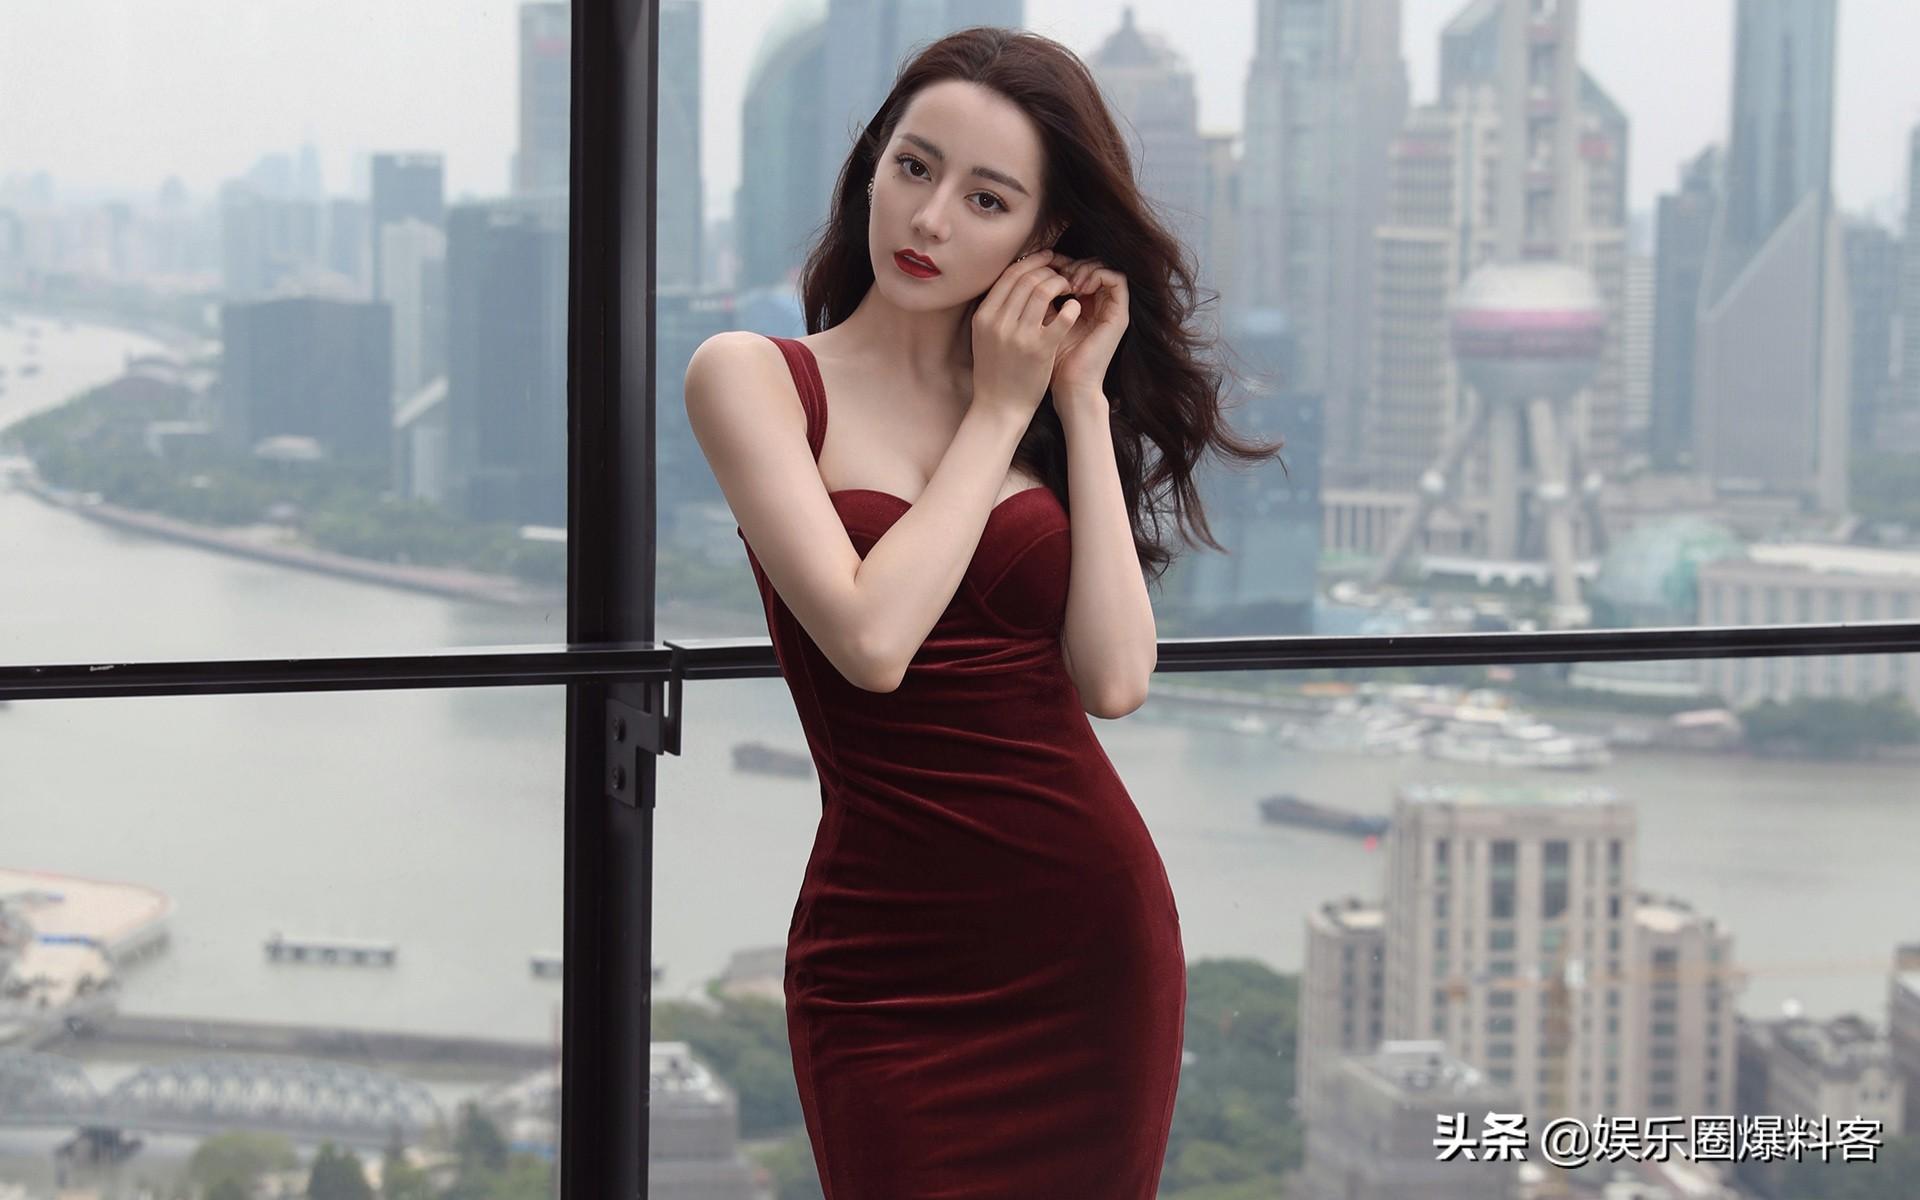 2020.10.16娱乐爆料:朱一龙、肖战、邓伦、成毅、郑爽